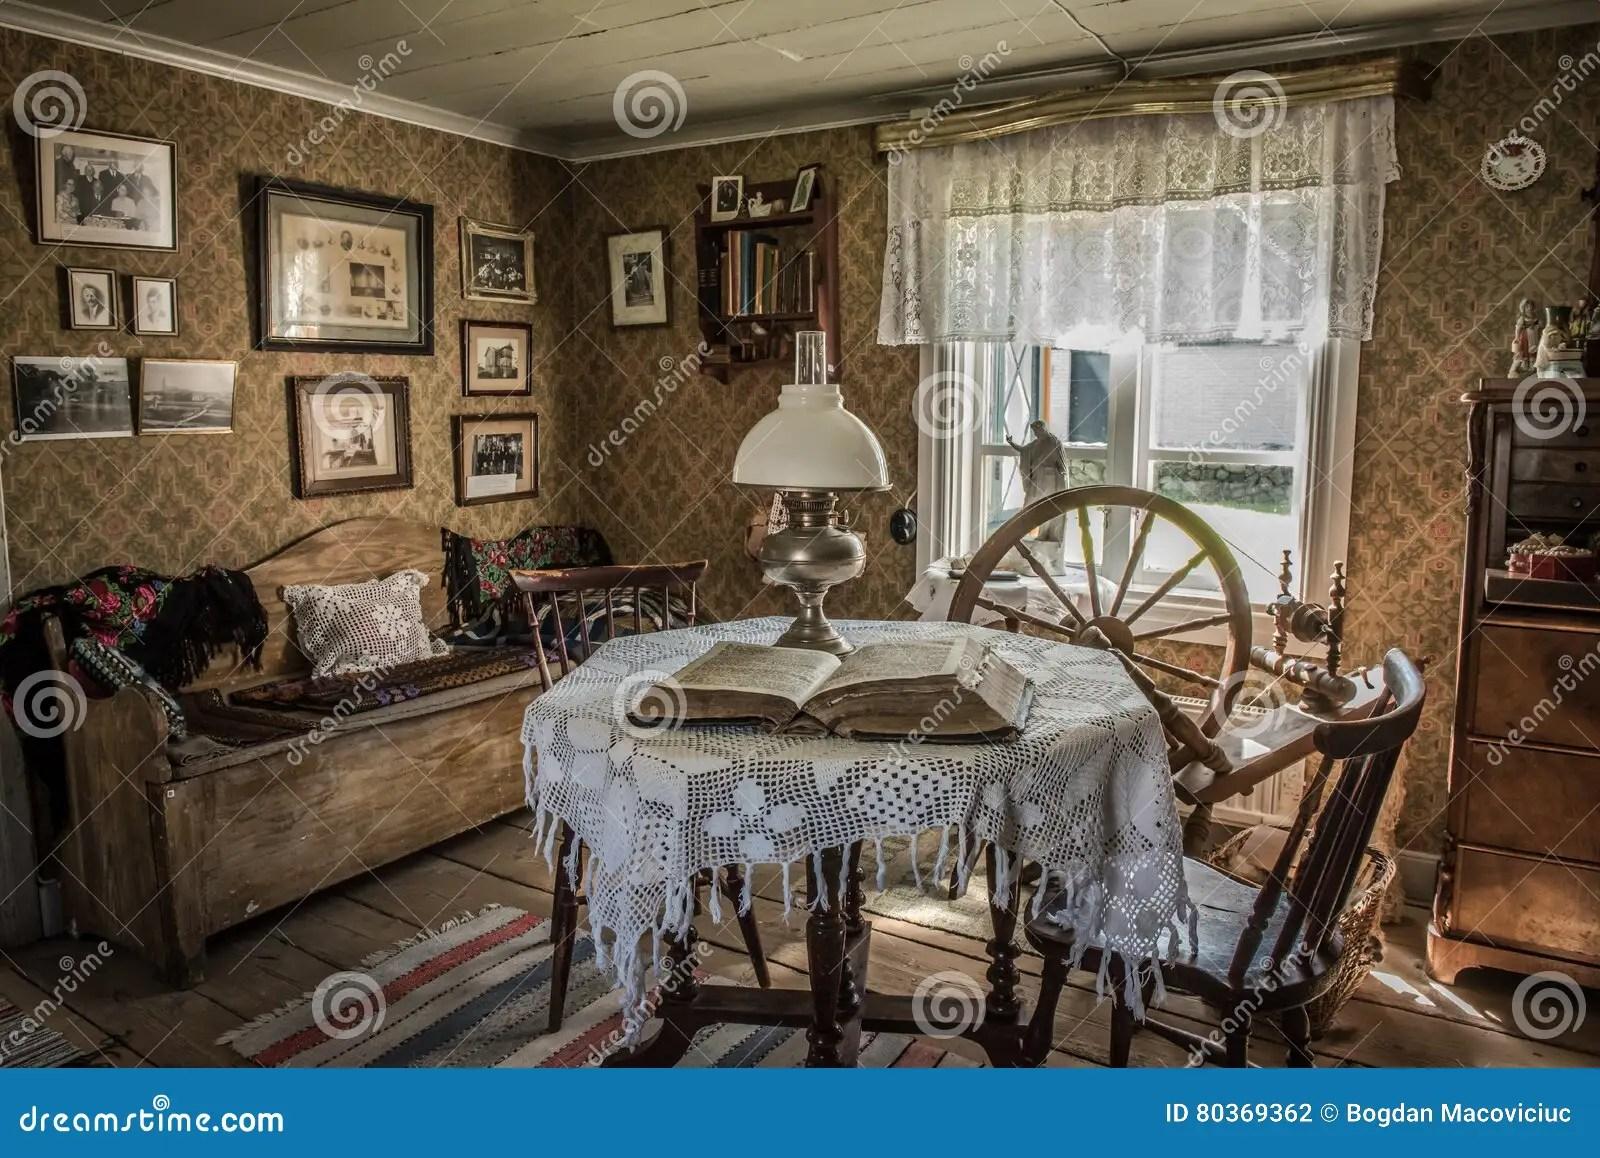 Antikes Wohnzimmer In Einem Alten Haus Redaktionelles